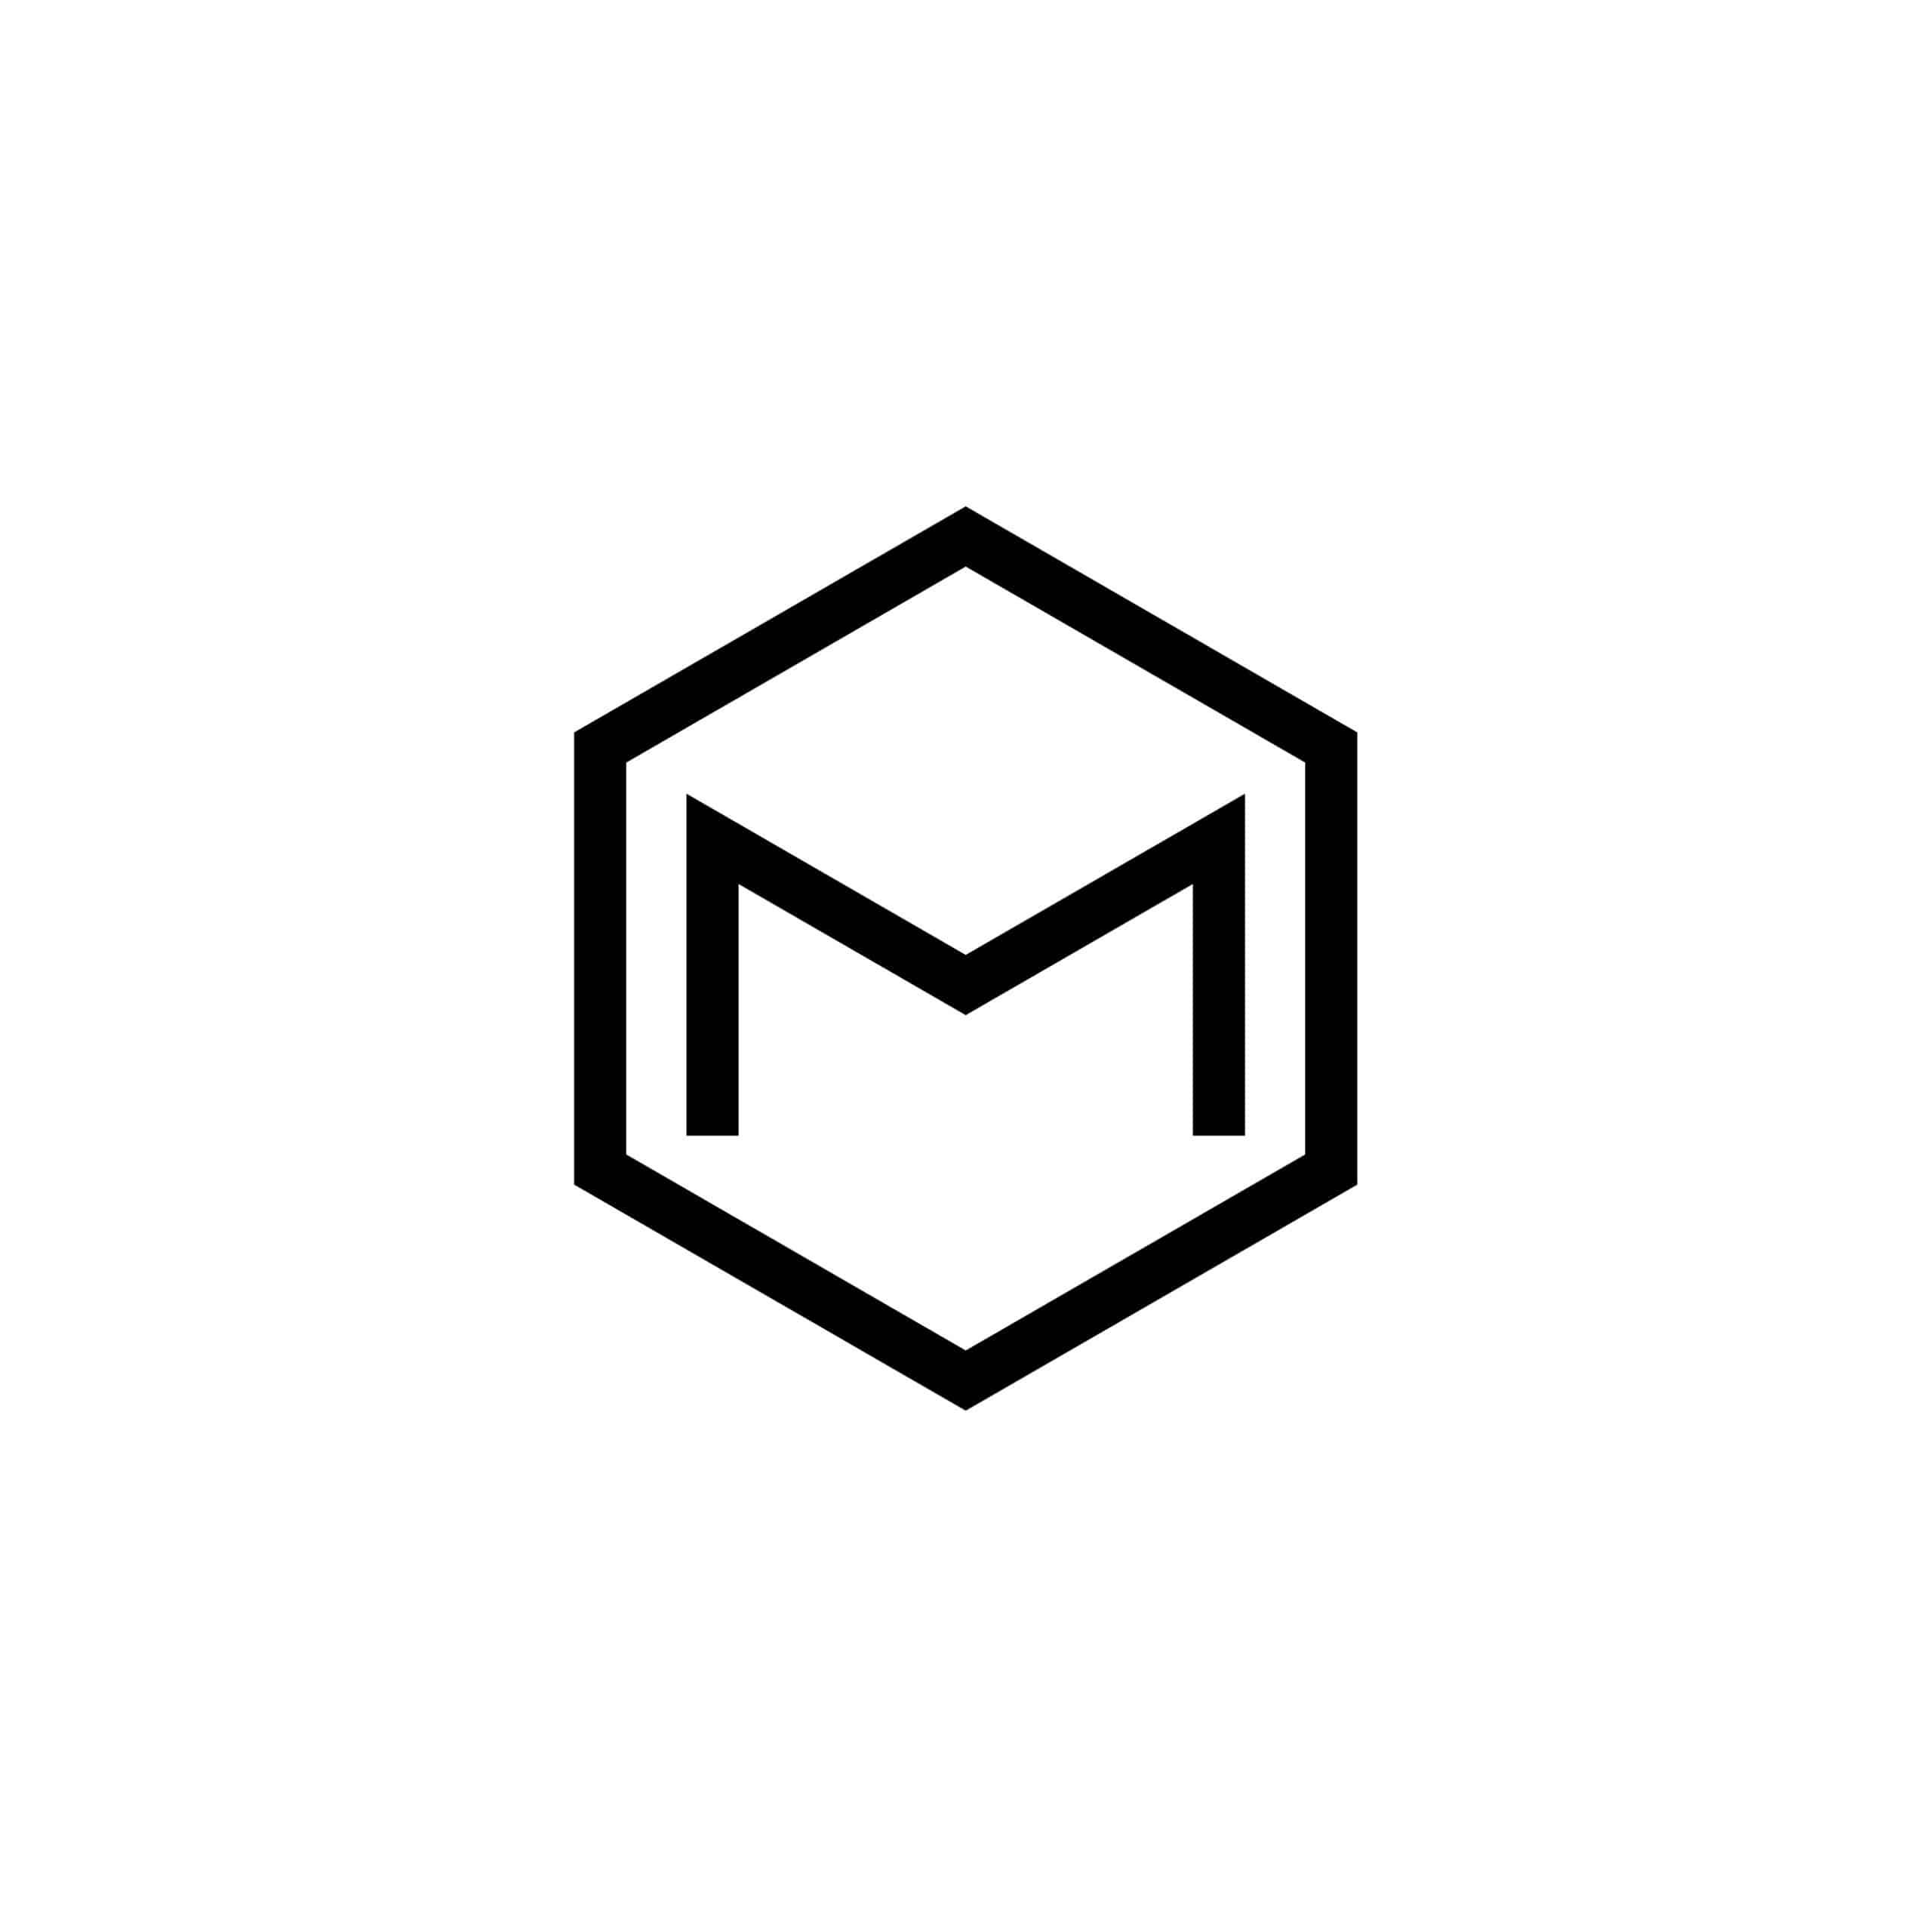 Stellen_Design_Graphic_Design_Logo_Design_6_BK-03